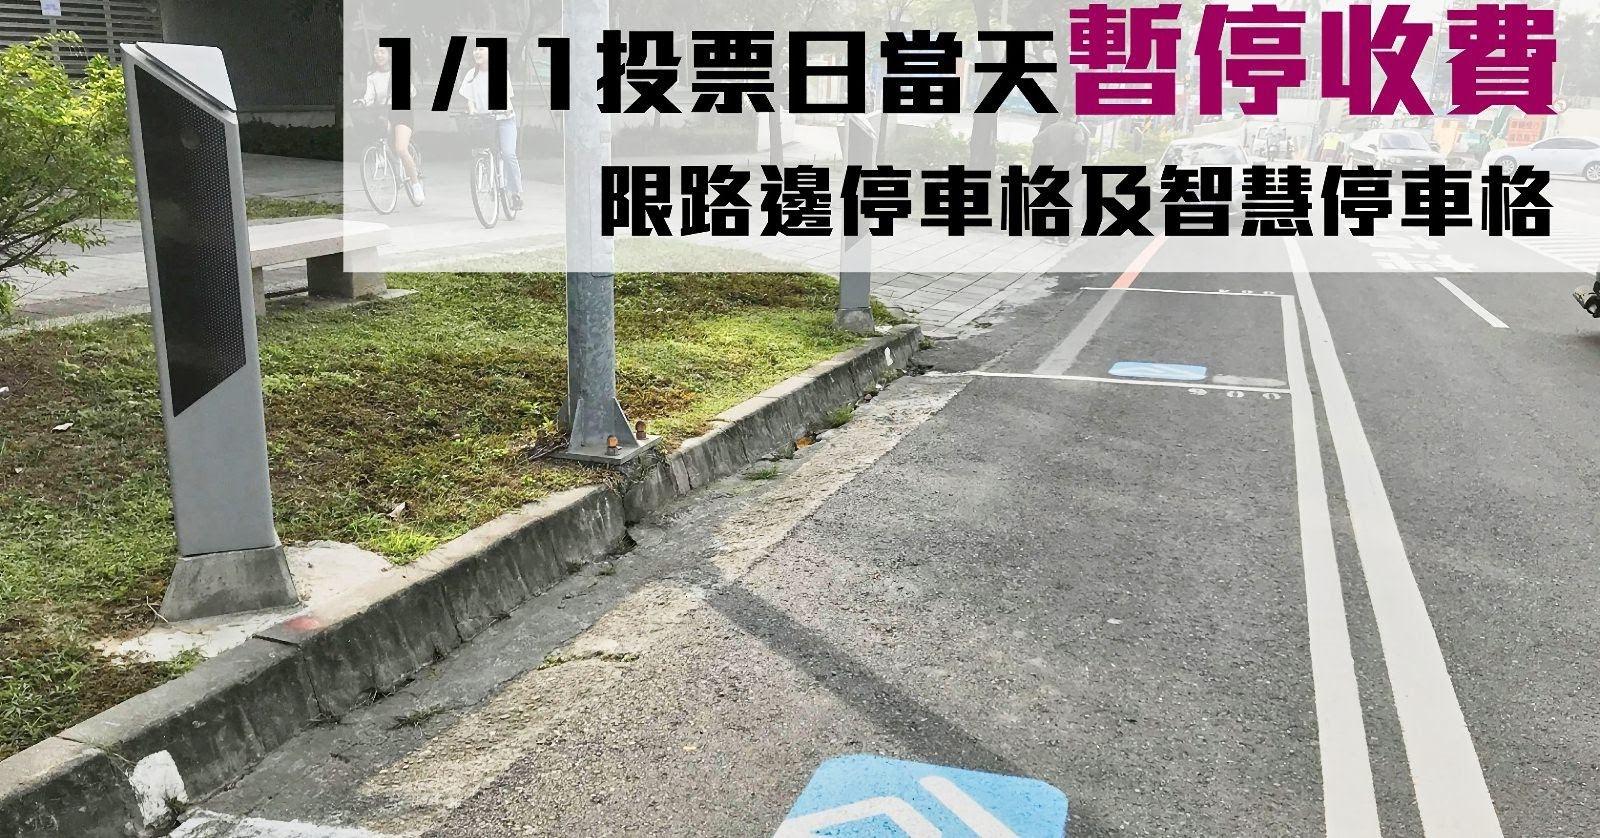 1/11讓市民安心投票|台南市路邊停車格免收費